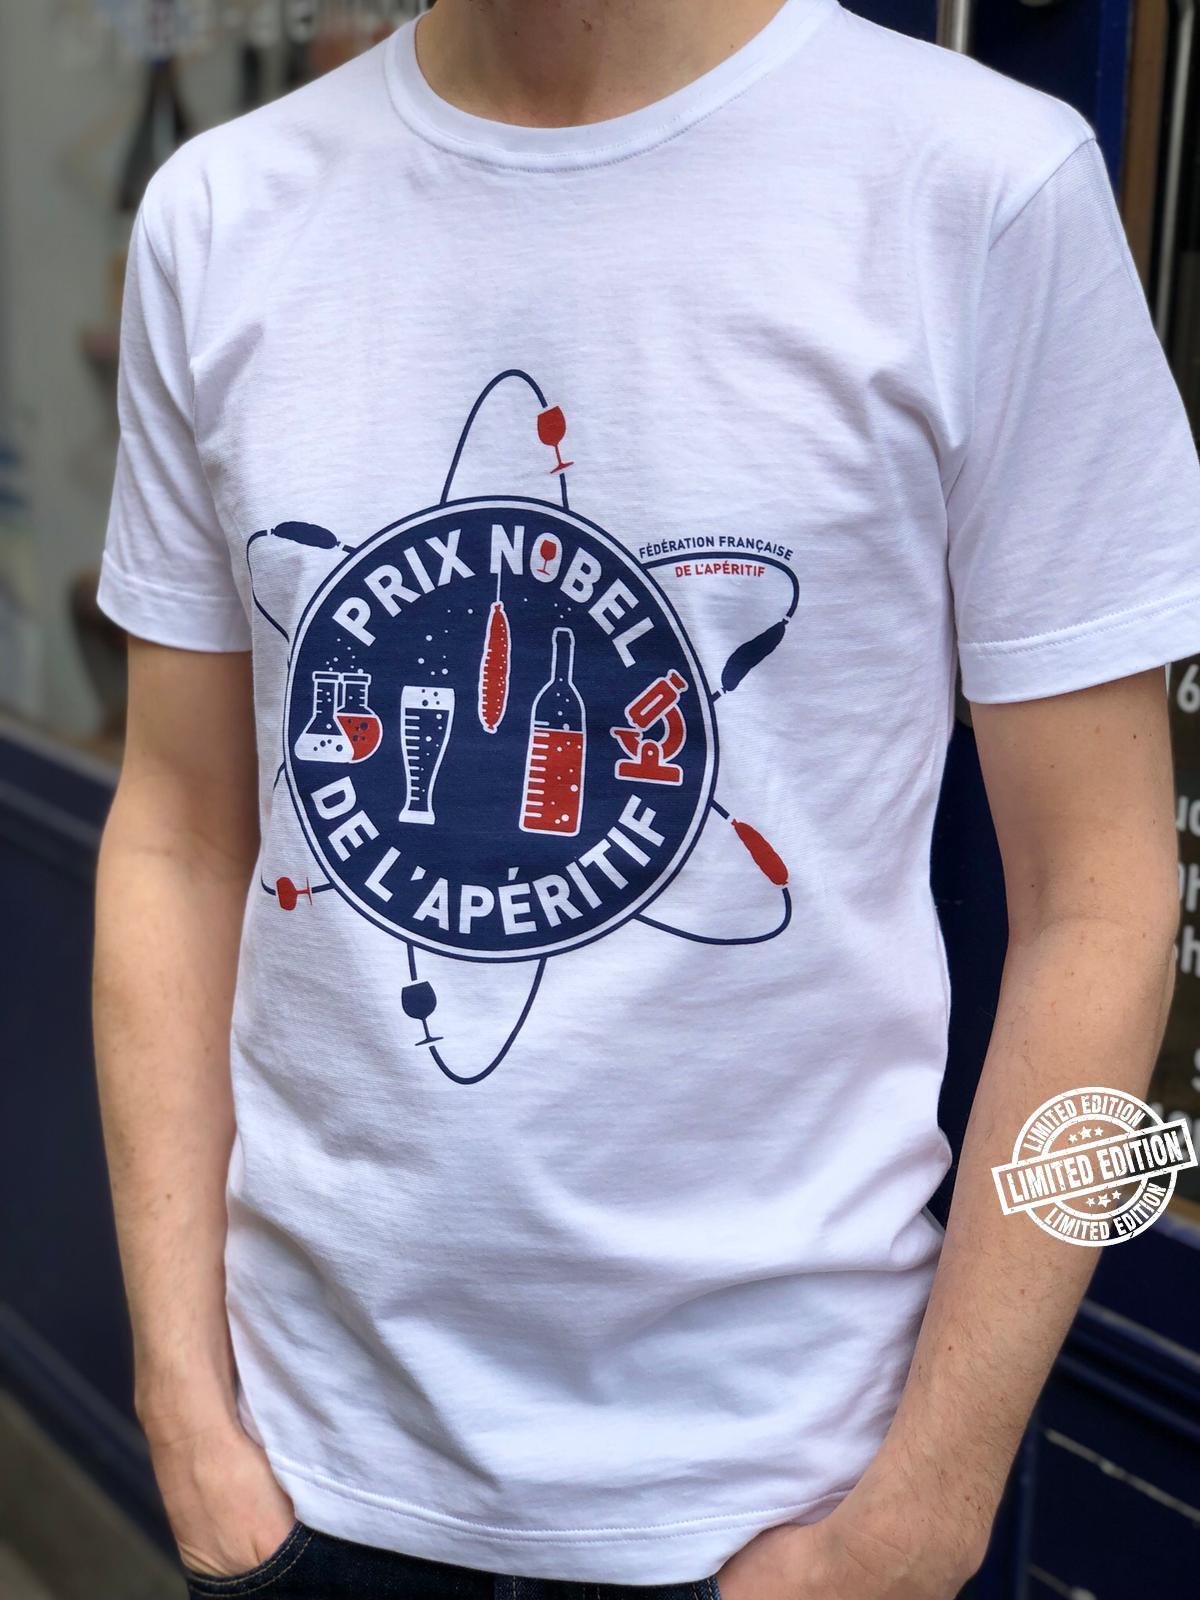 Prix Nobel de l'aperitif shirt